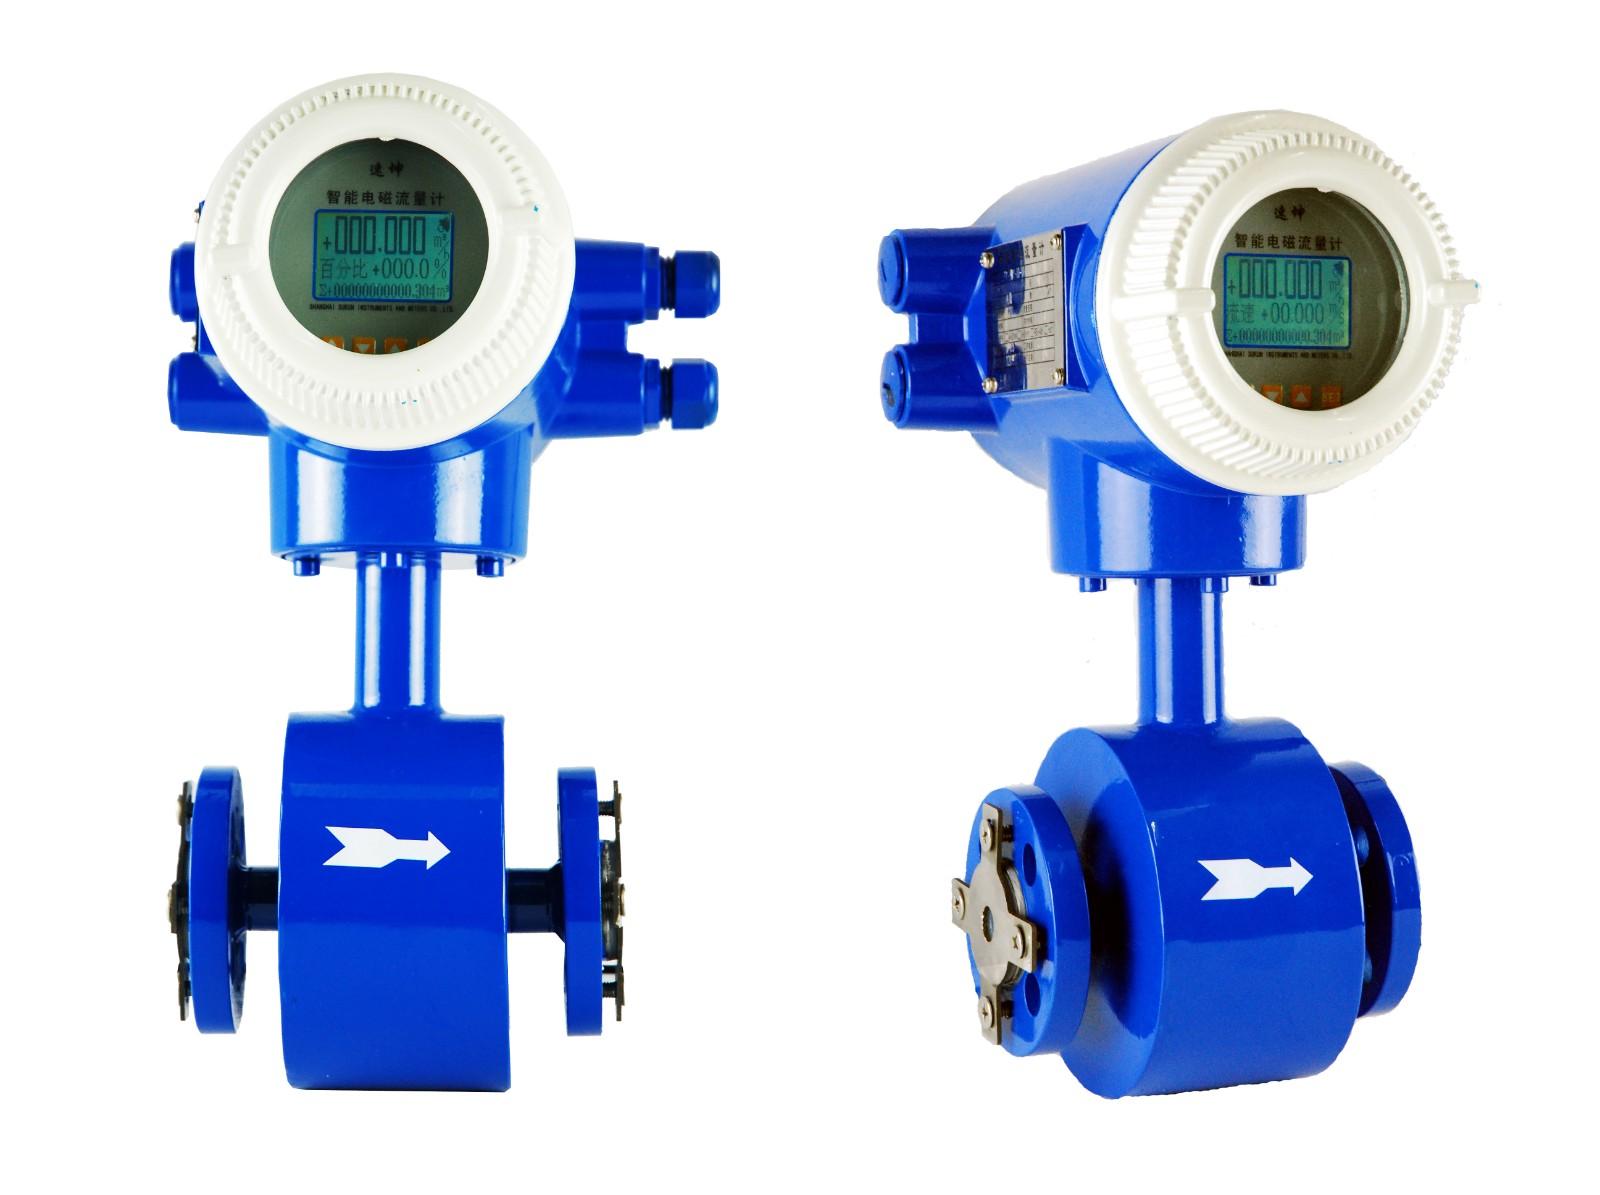 流量计供应商_蒸汽仪器仪表-上海速坤仪器仪表有限公司